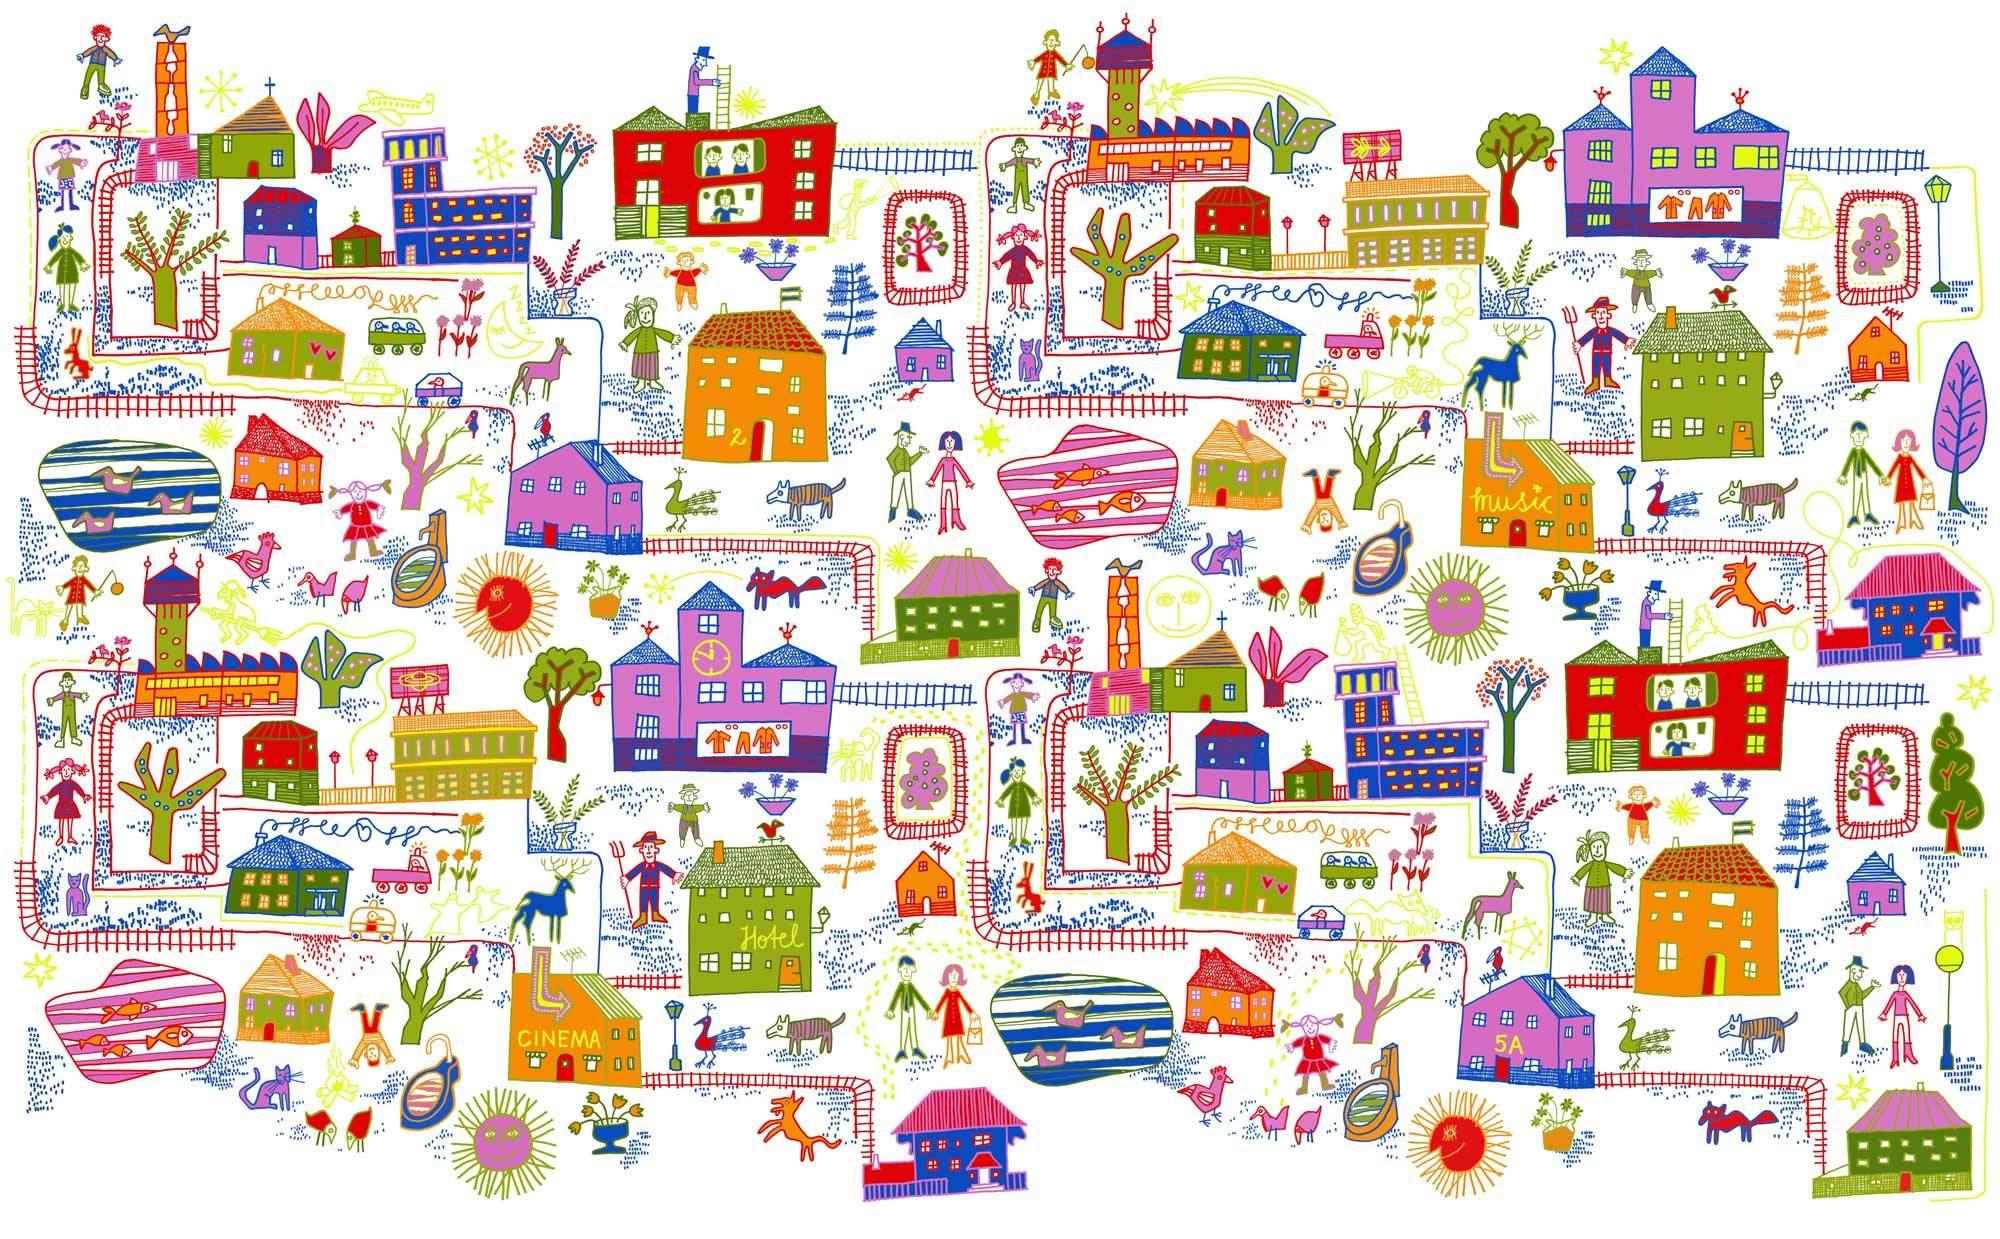 Curtain Collection Village für Kvadrat, 2008